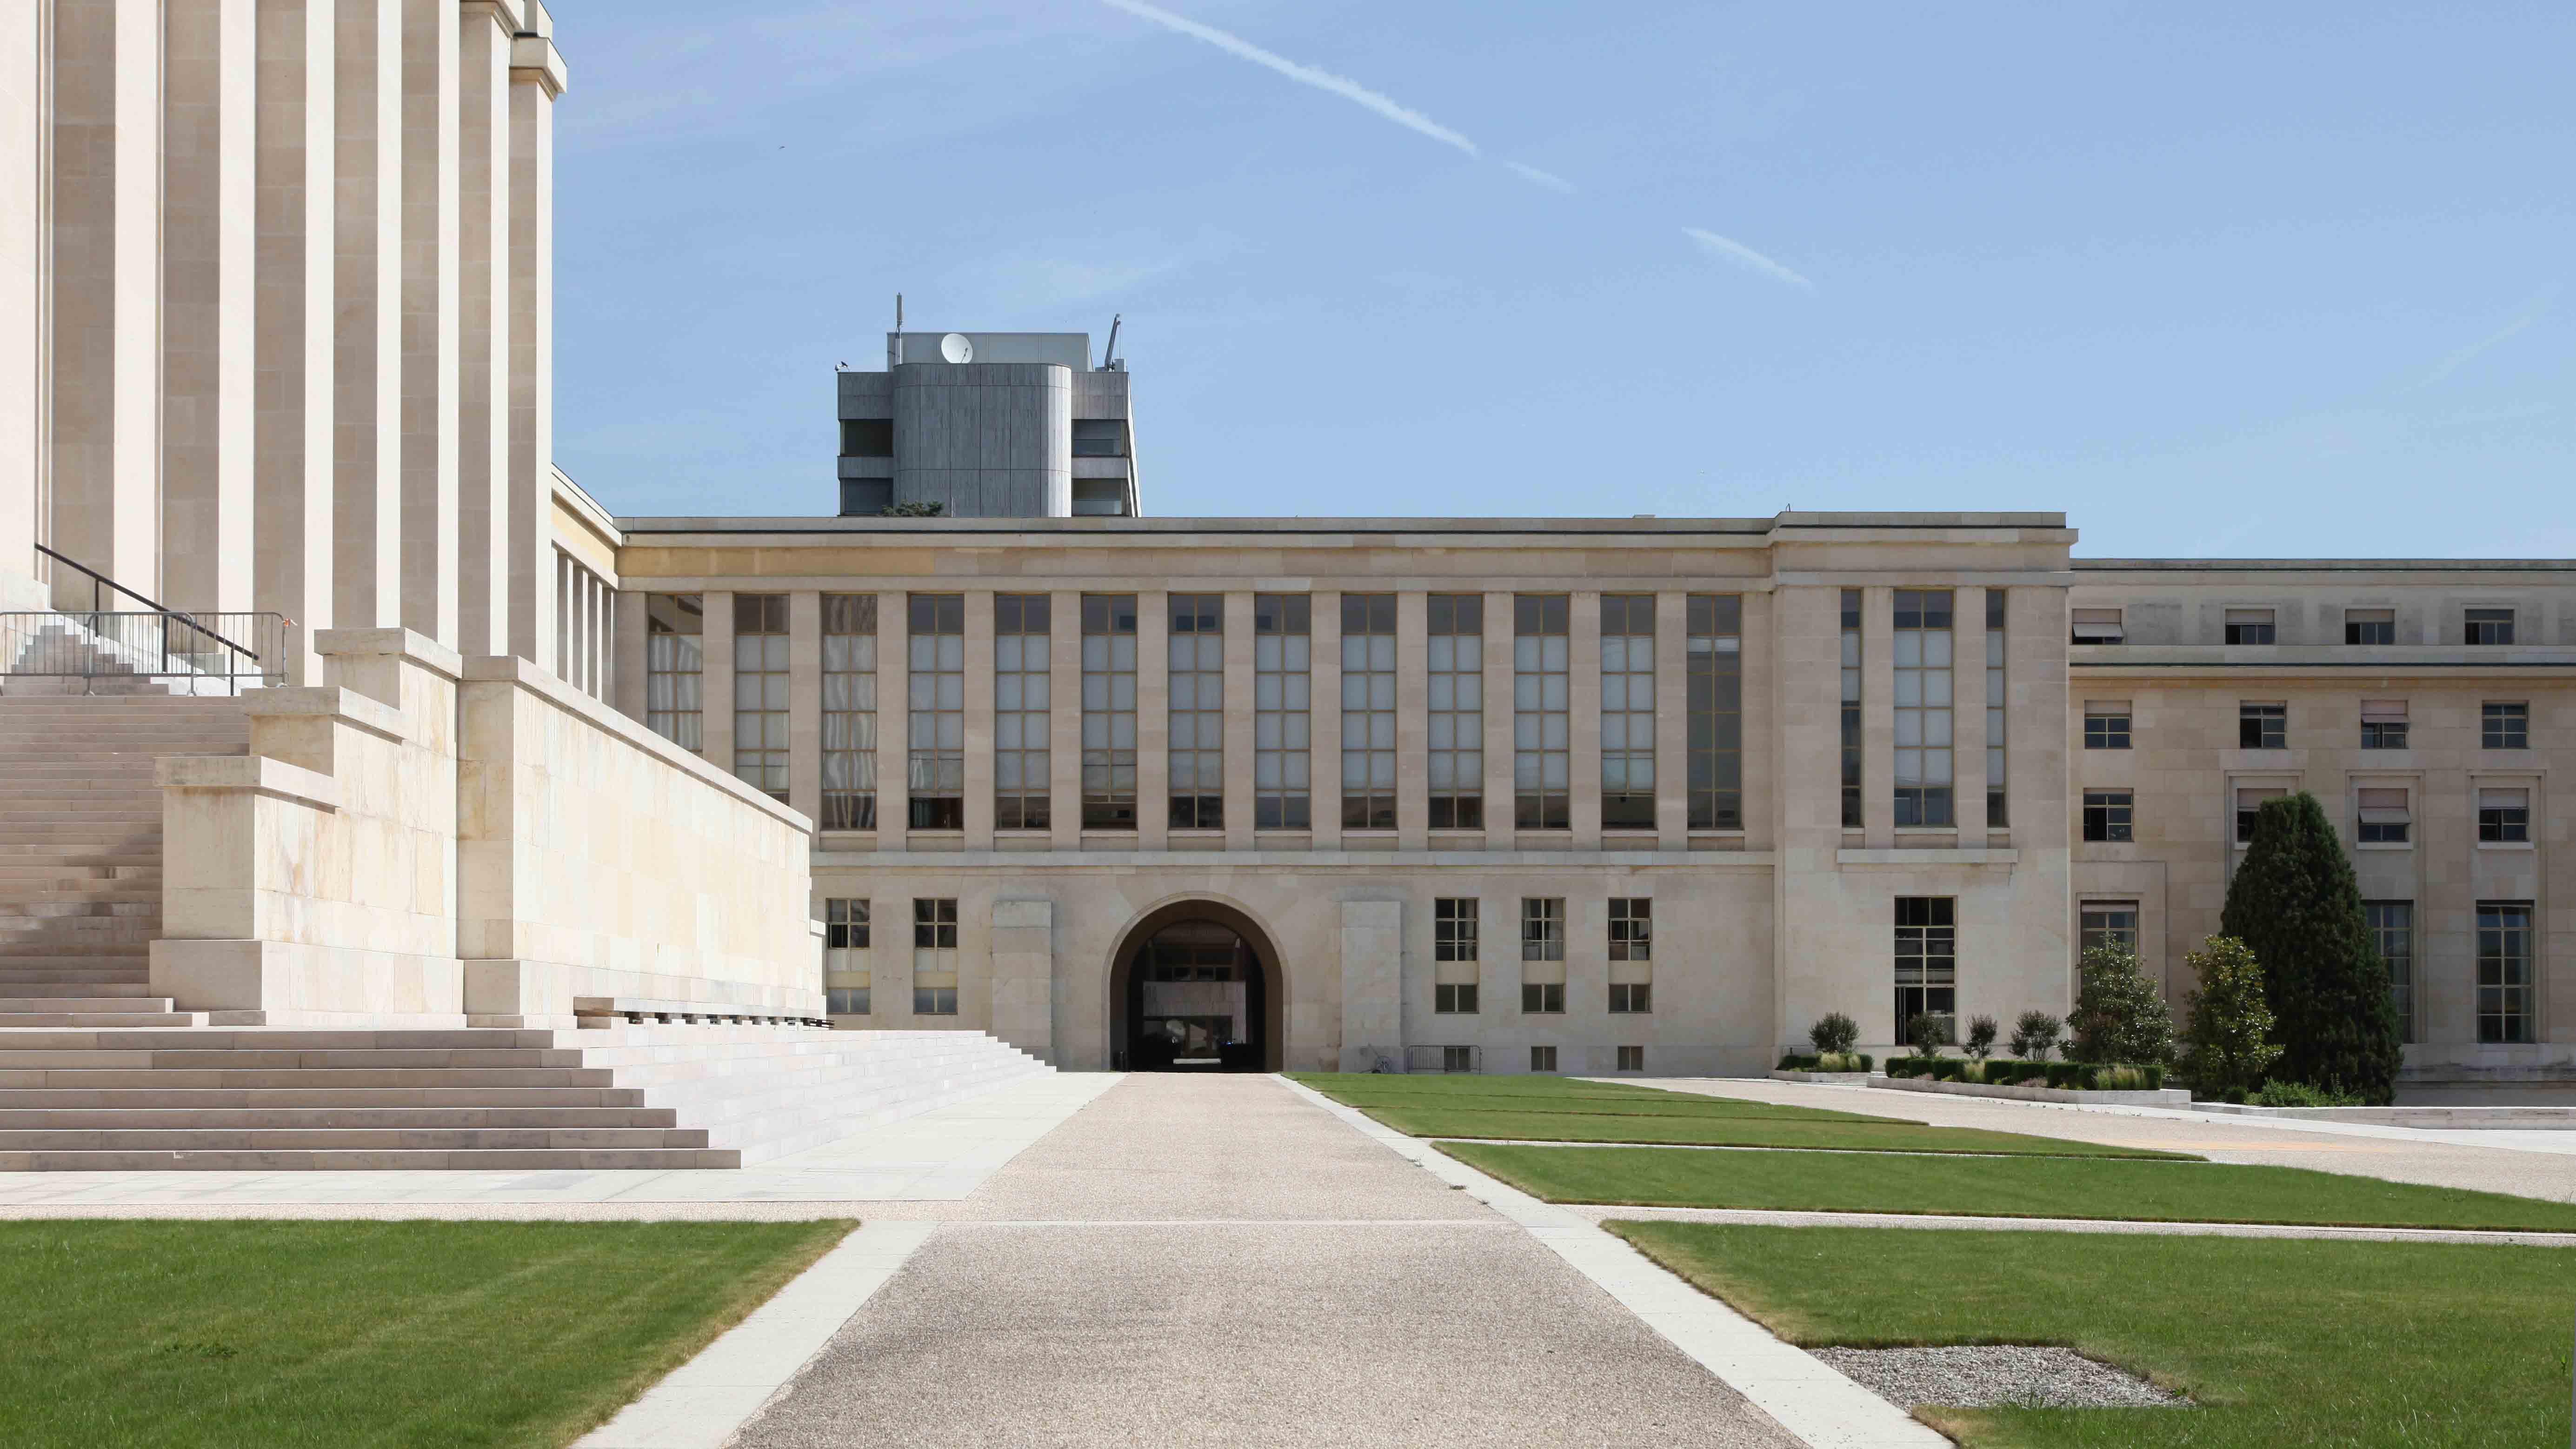 Palais des nations 1